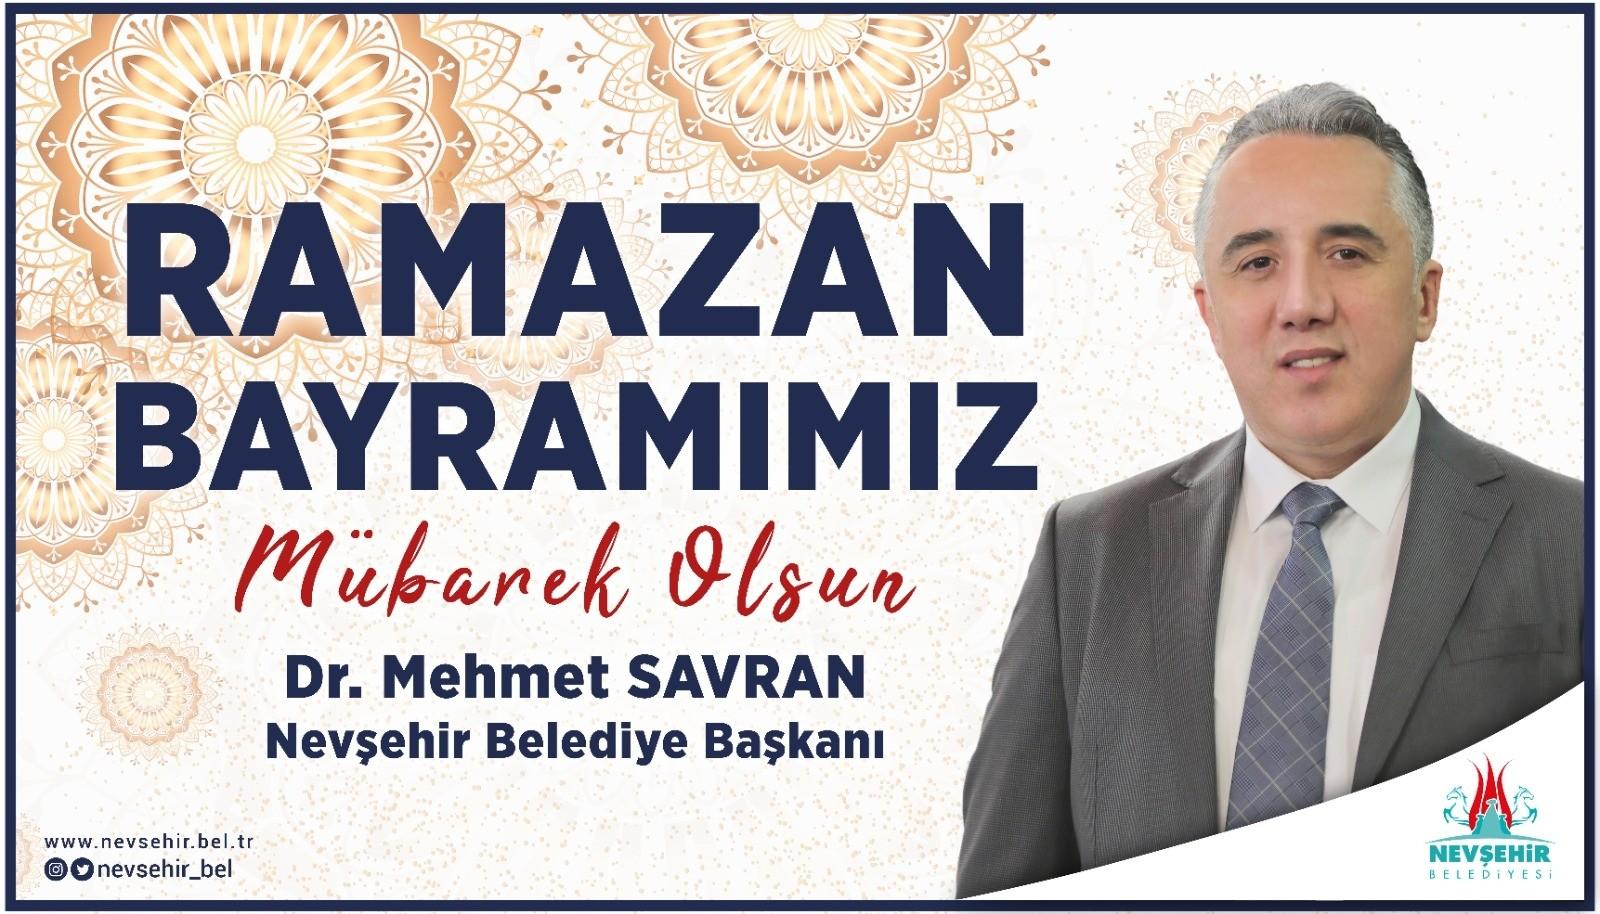 Belediye Başkanı Savran, Ramazan Bayramı mesajı yayımladı